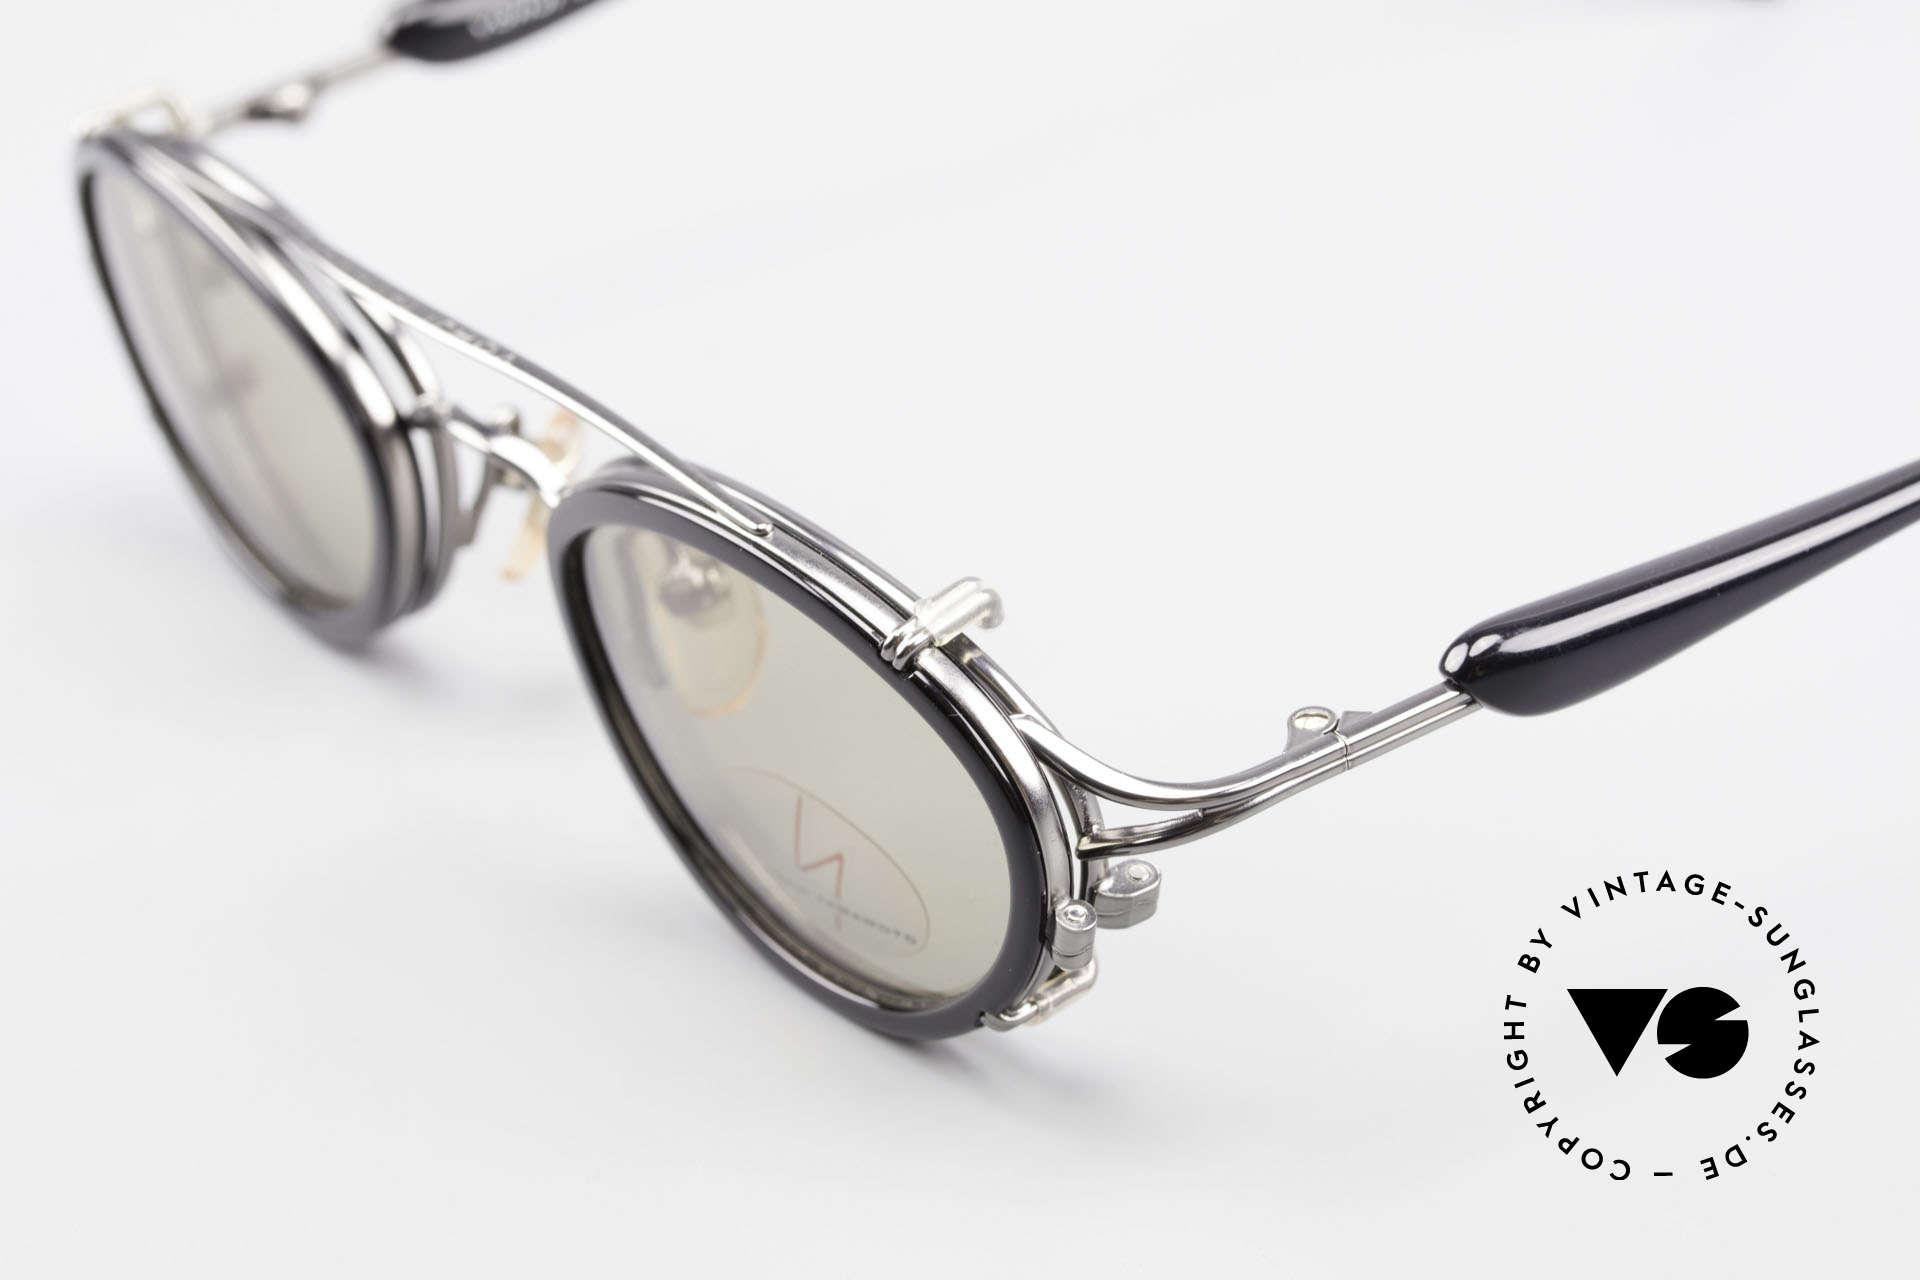 Yohji Yamamoto 51-7210 No Retro Brille Clip-On 90er, ein altes Yamamoto Original; KEINE neue Retrobrille!, Passend für Herren und Damen